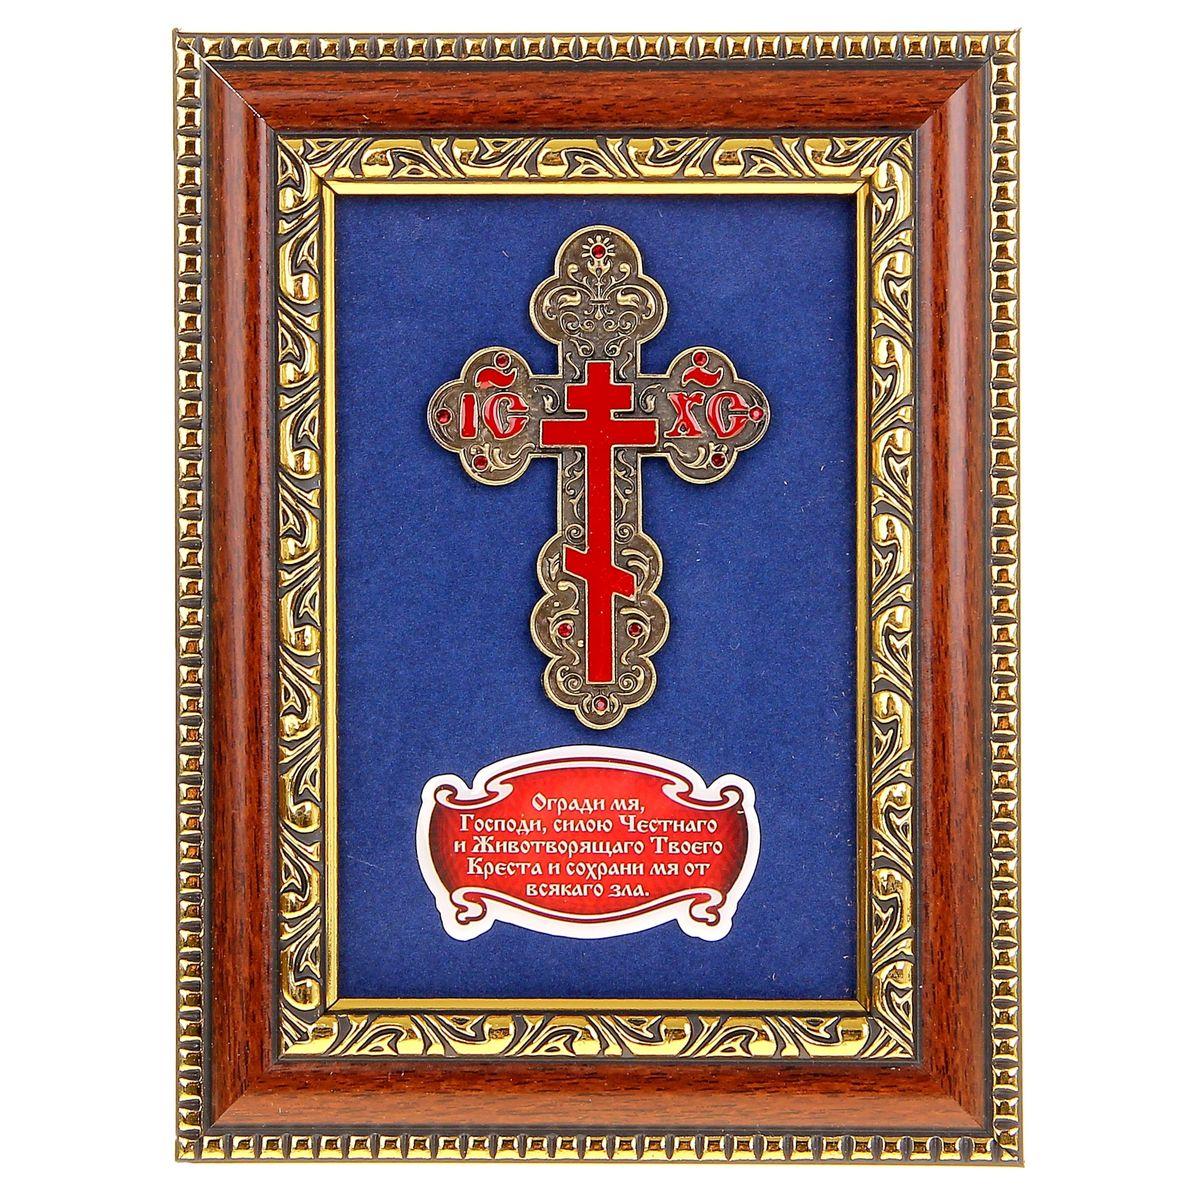 Панно Православный крест, 14,5 х 19,5 см871078Панно Православный крест представляет собой металлический крест, размещенный на картонной подложке синего цвета. Ниже расположена табличка с молитвой Огради мя, Господи, силою Честнаго и Животворящего Твоего Креста и сохрани мя от всякого зла. Крест украшен изысканным рельефом, покрыт эмалью и инкрустирован мелкими красными стразами. Рамка для панно с золотистым узорным рельефом выполнена из дерева. Панно можно подвесить на стену или поставить на стол, для чего с задней стороны предусмотрена специальная ножка. Любое помещение выглядит незавершенным без правильно расположенных предметов интерьера. Они помогают создать уют, расставить акценты, подчеркнуть достоинства или скрыть недостатки. Не бывает незначительных деталей. Из мелочей складывается образ человека и стиль интерьера. Панно Православный крест - одна из тех деталей, которые придают дому обжитой вид и создают ощущение уюта.